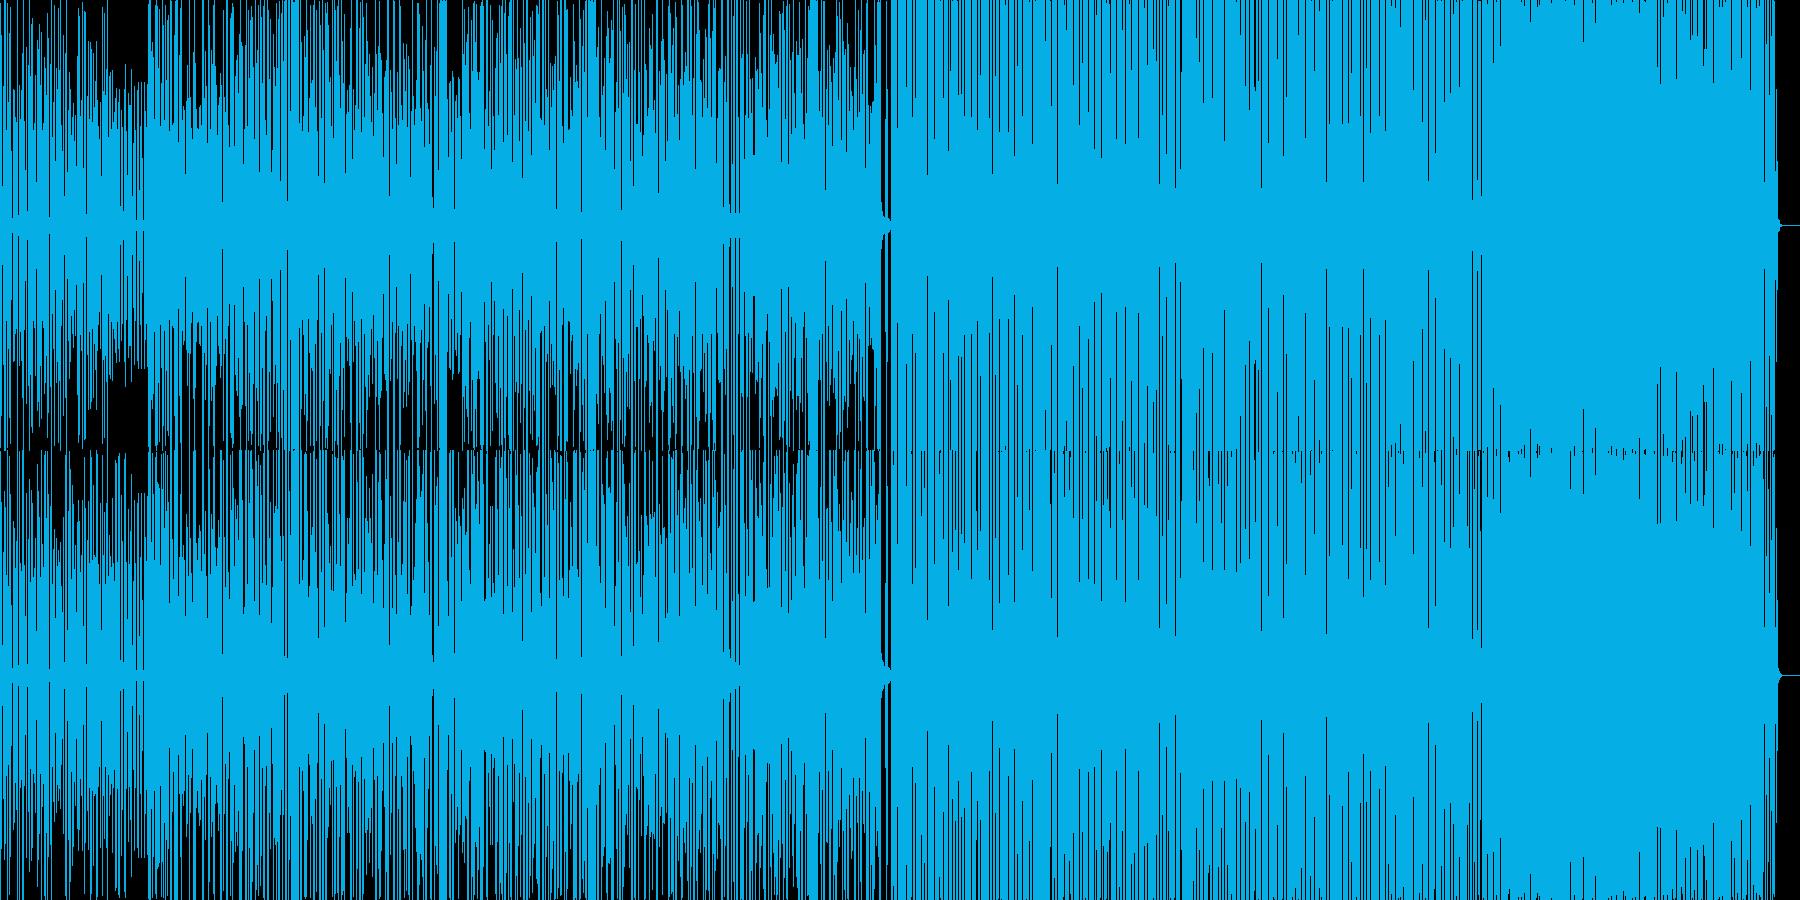 やや遅めのEDM系BGMの再生済みの波形